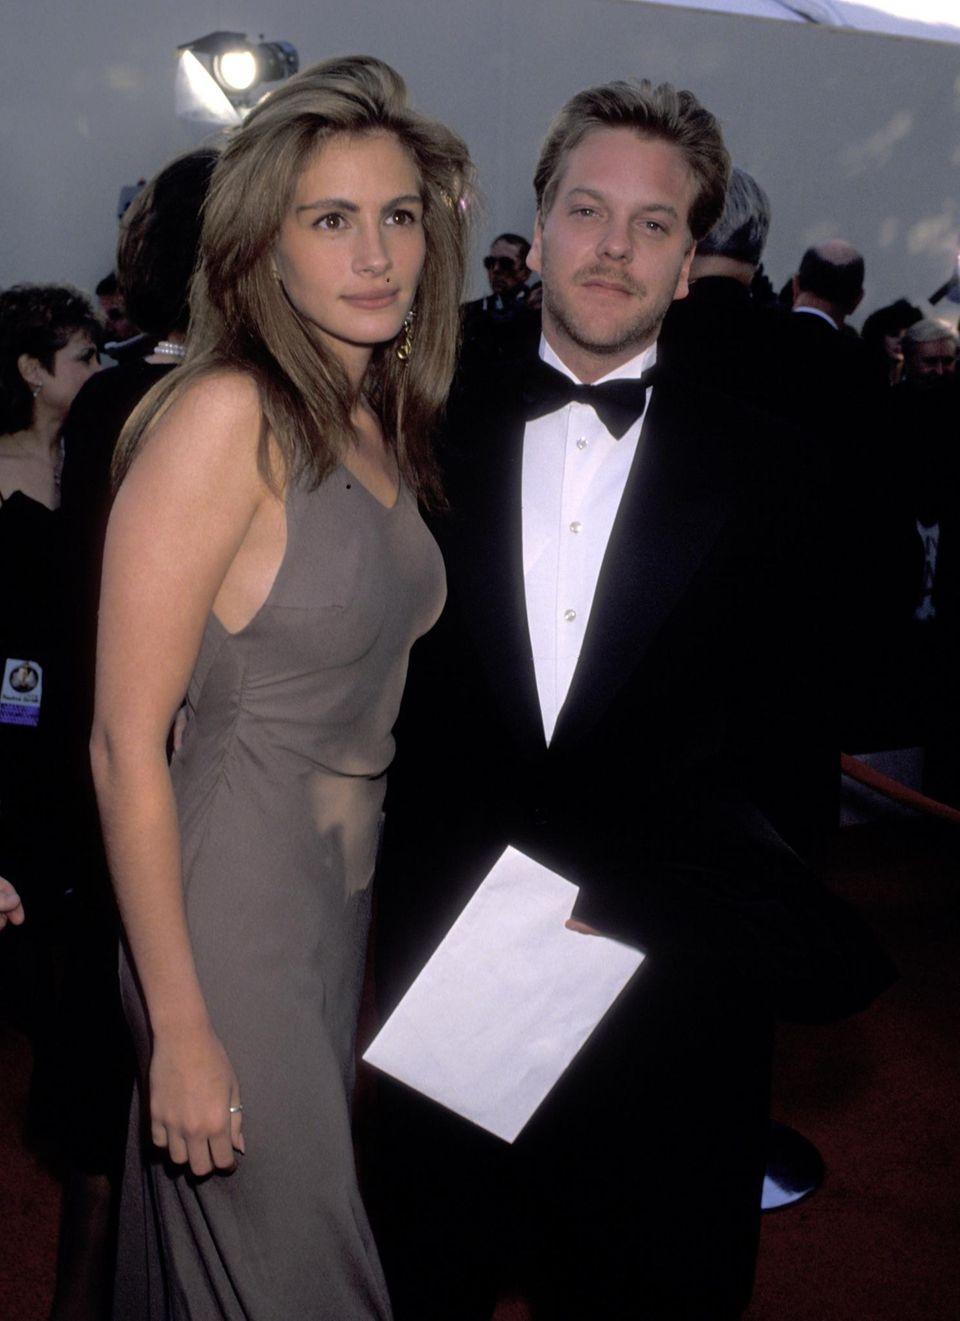 """1990:  Julia Roberts kommt zu ihrem ersten Oscar-Auftritt mit ihrem damaligen Freund Kiefer Sutherland (den sie etwa anderthalb Jahre später nur wenige Tage vor der geplanten Hochzeit verlässt). Die 22-Jährige ist als beste Hauptdarstellerin in """"Magnolien aus Stahl"""" nominiert. Ein Jahr später kann sie sich ein weiteres Mal über eine Nominierung freuen, diesmal für """"Pretty Woman"""". Die Trophäe kann sie aber erst 2001 mit nach Hause nehmen, für ihre darstellerische Leistung in """"Erin Brokovich"""". Auch 2014 kann sie sich Hoffnungen auf einen Oscar machen, als beste Nebendarstellerin ist sie mit """"August: Osage County"""" nominiert."""